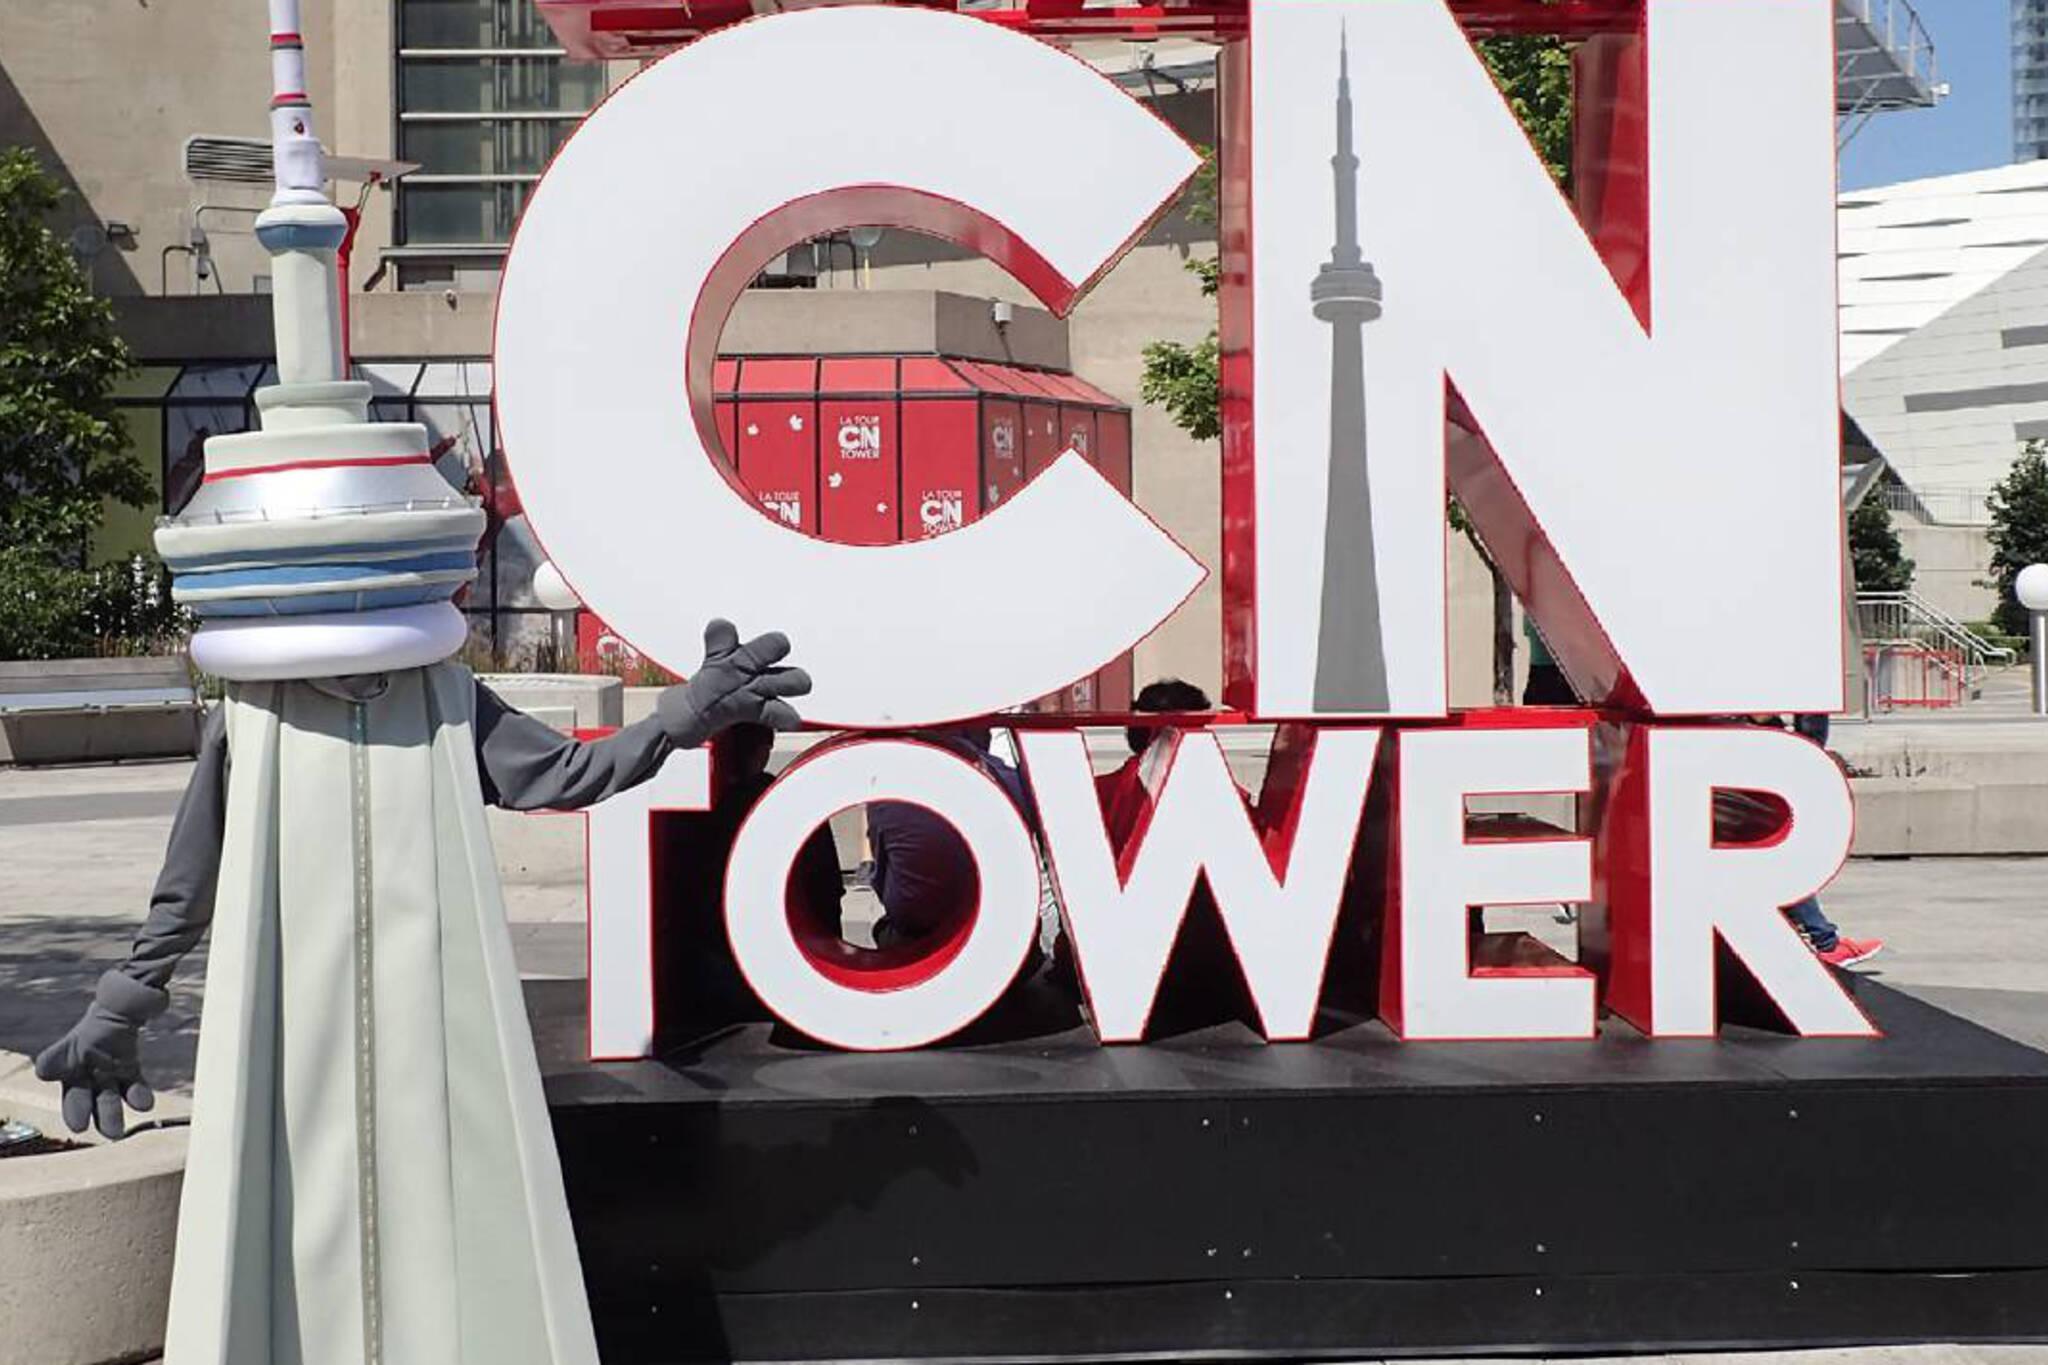 cn tower mascot